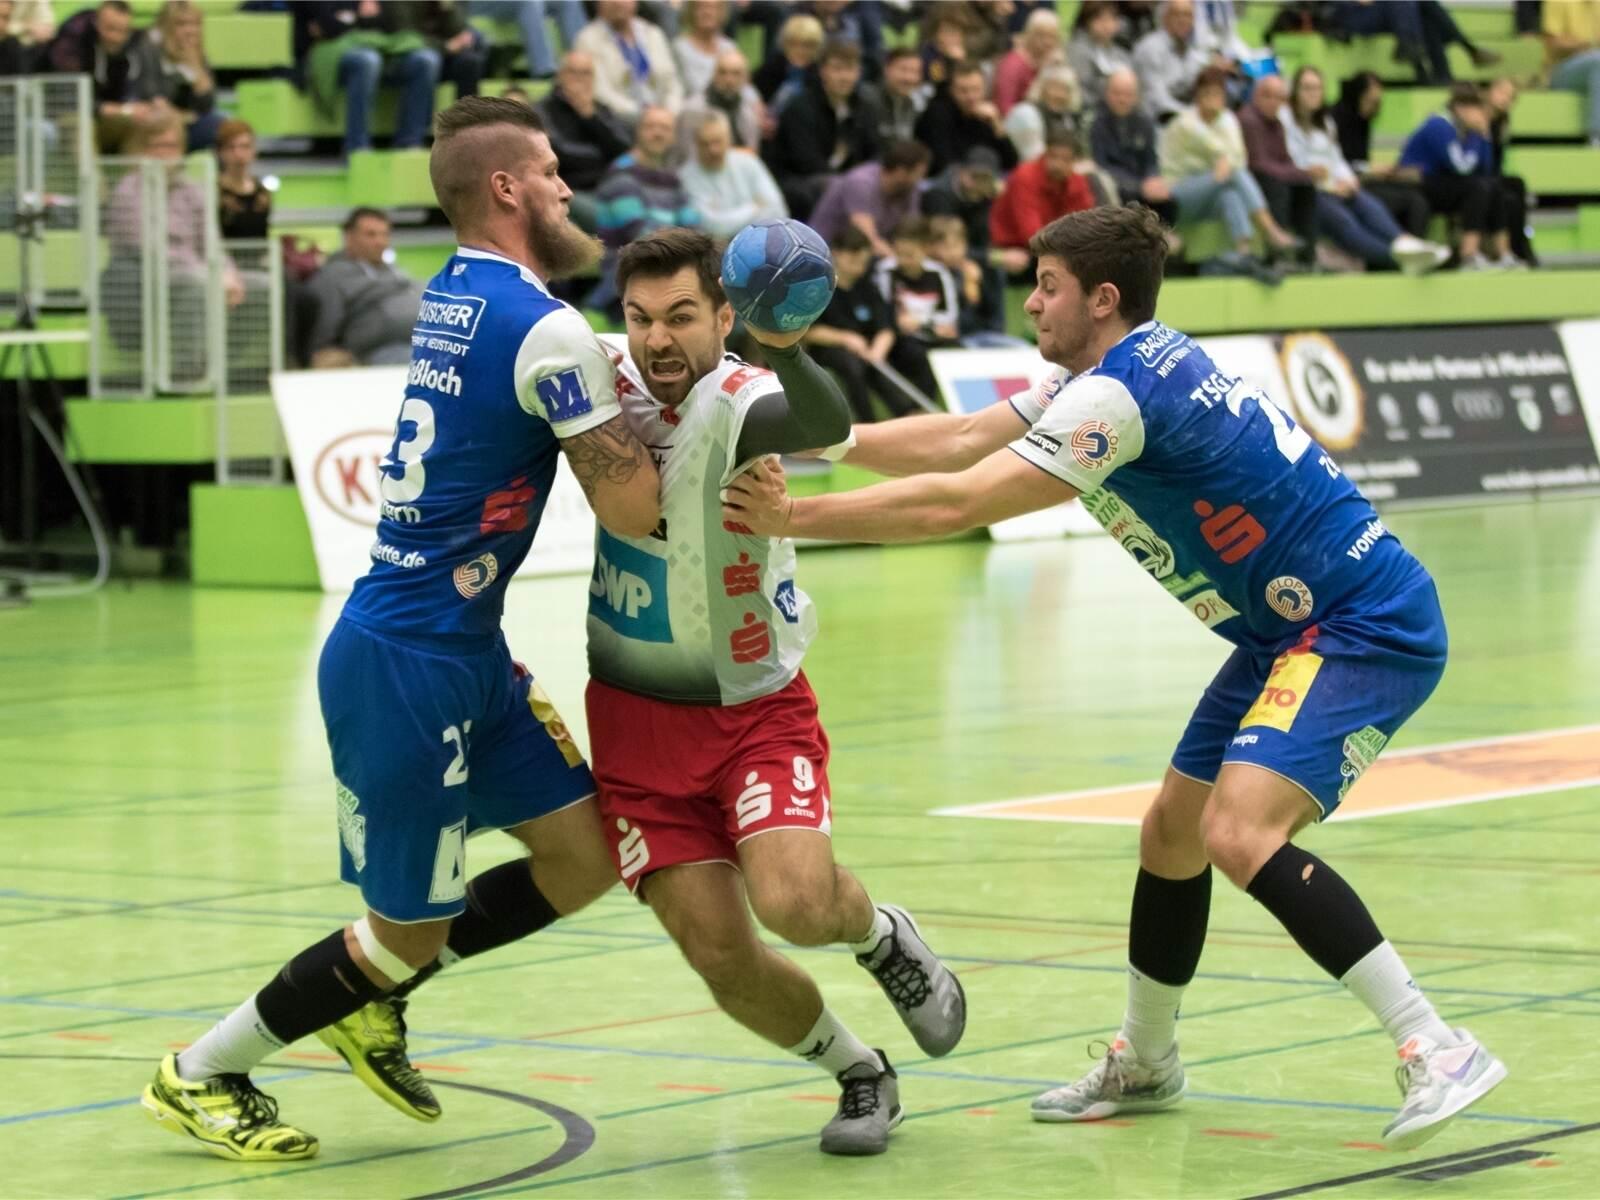 Handball Neuhausen Filder